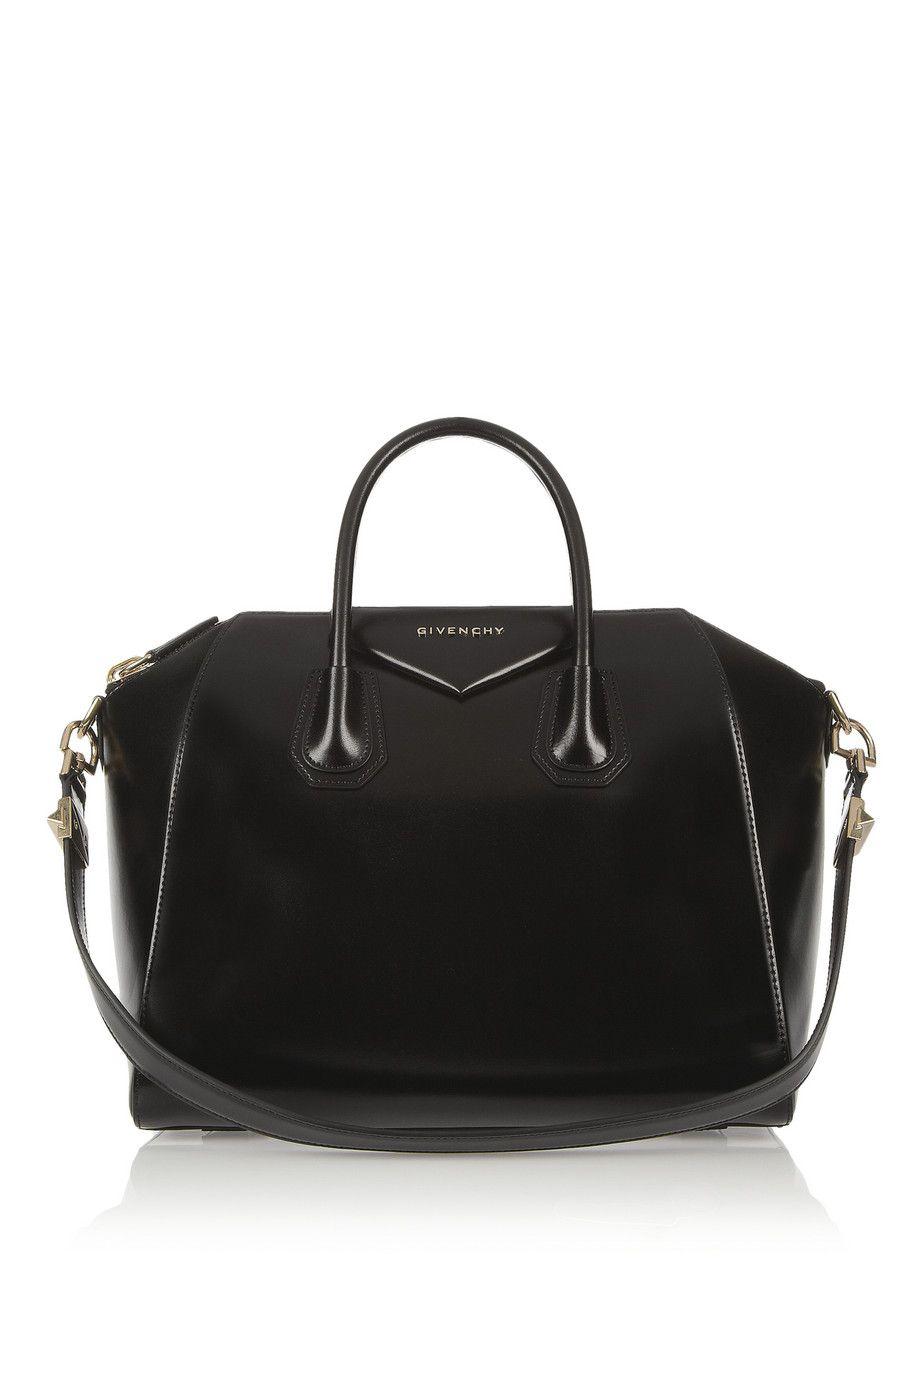 Givenchy | Médio Antigona bag em couro preto | NET-A-PORTER.COM